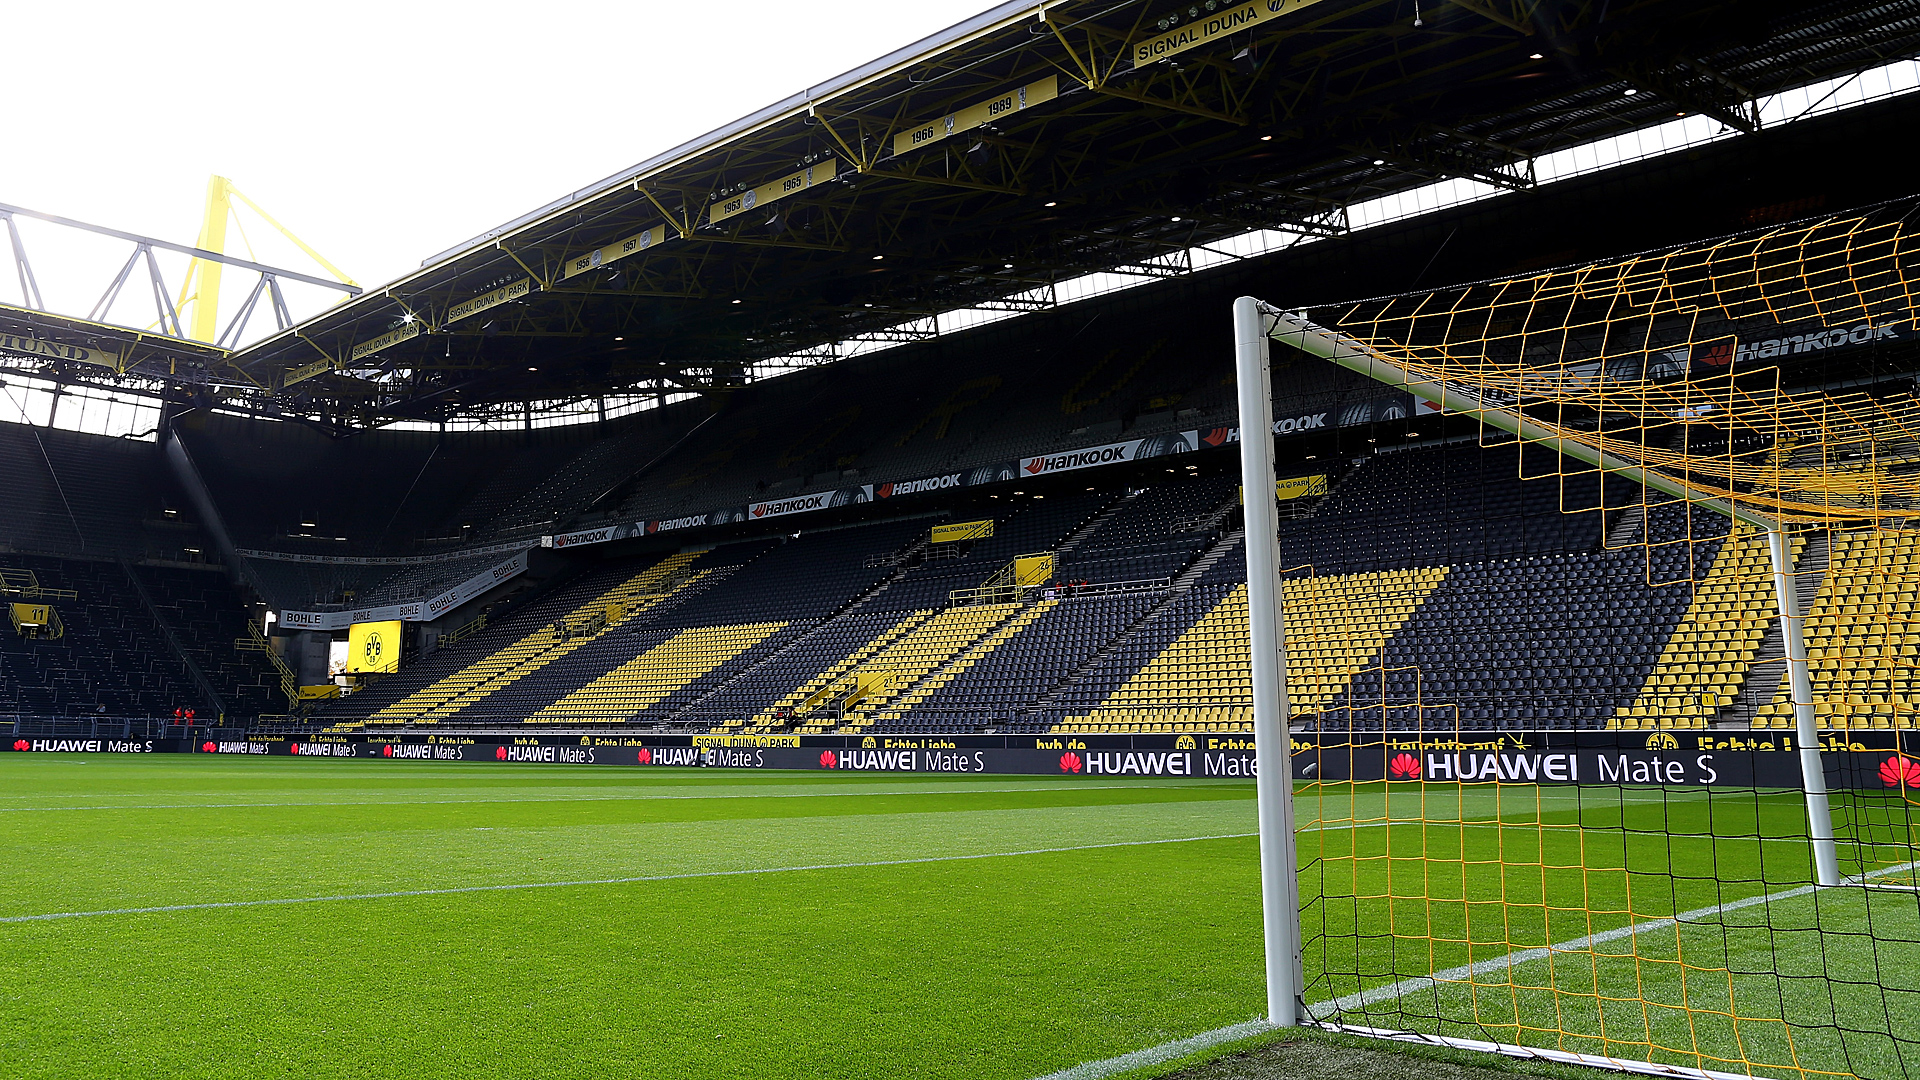 14 deutsche Städte bewerben sich als Spielort der Fußball-EM 2024